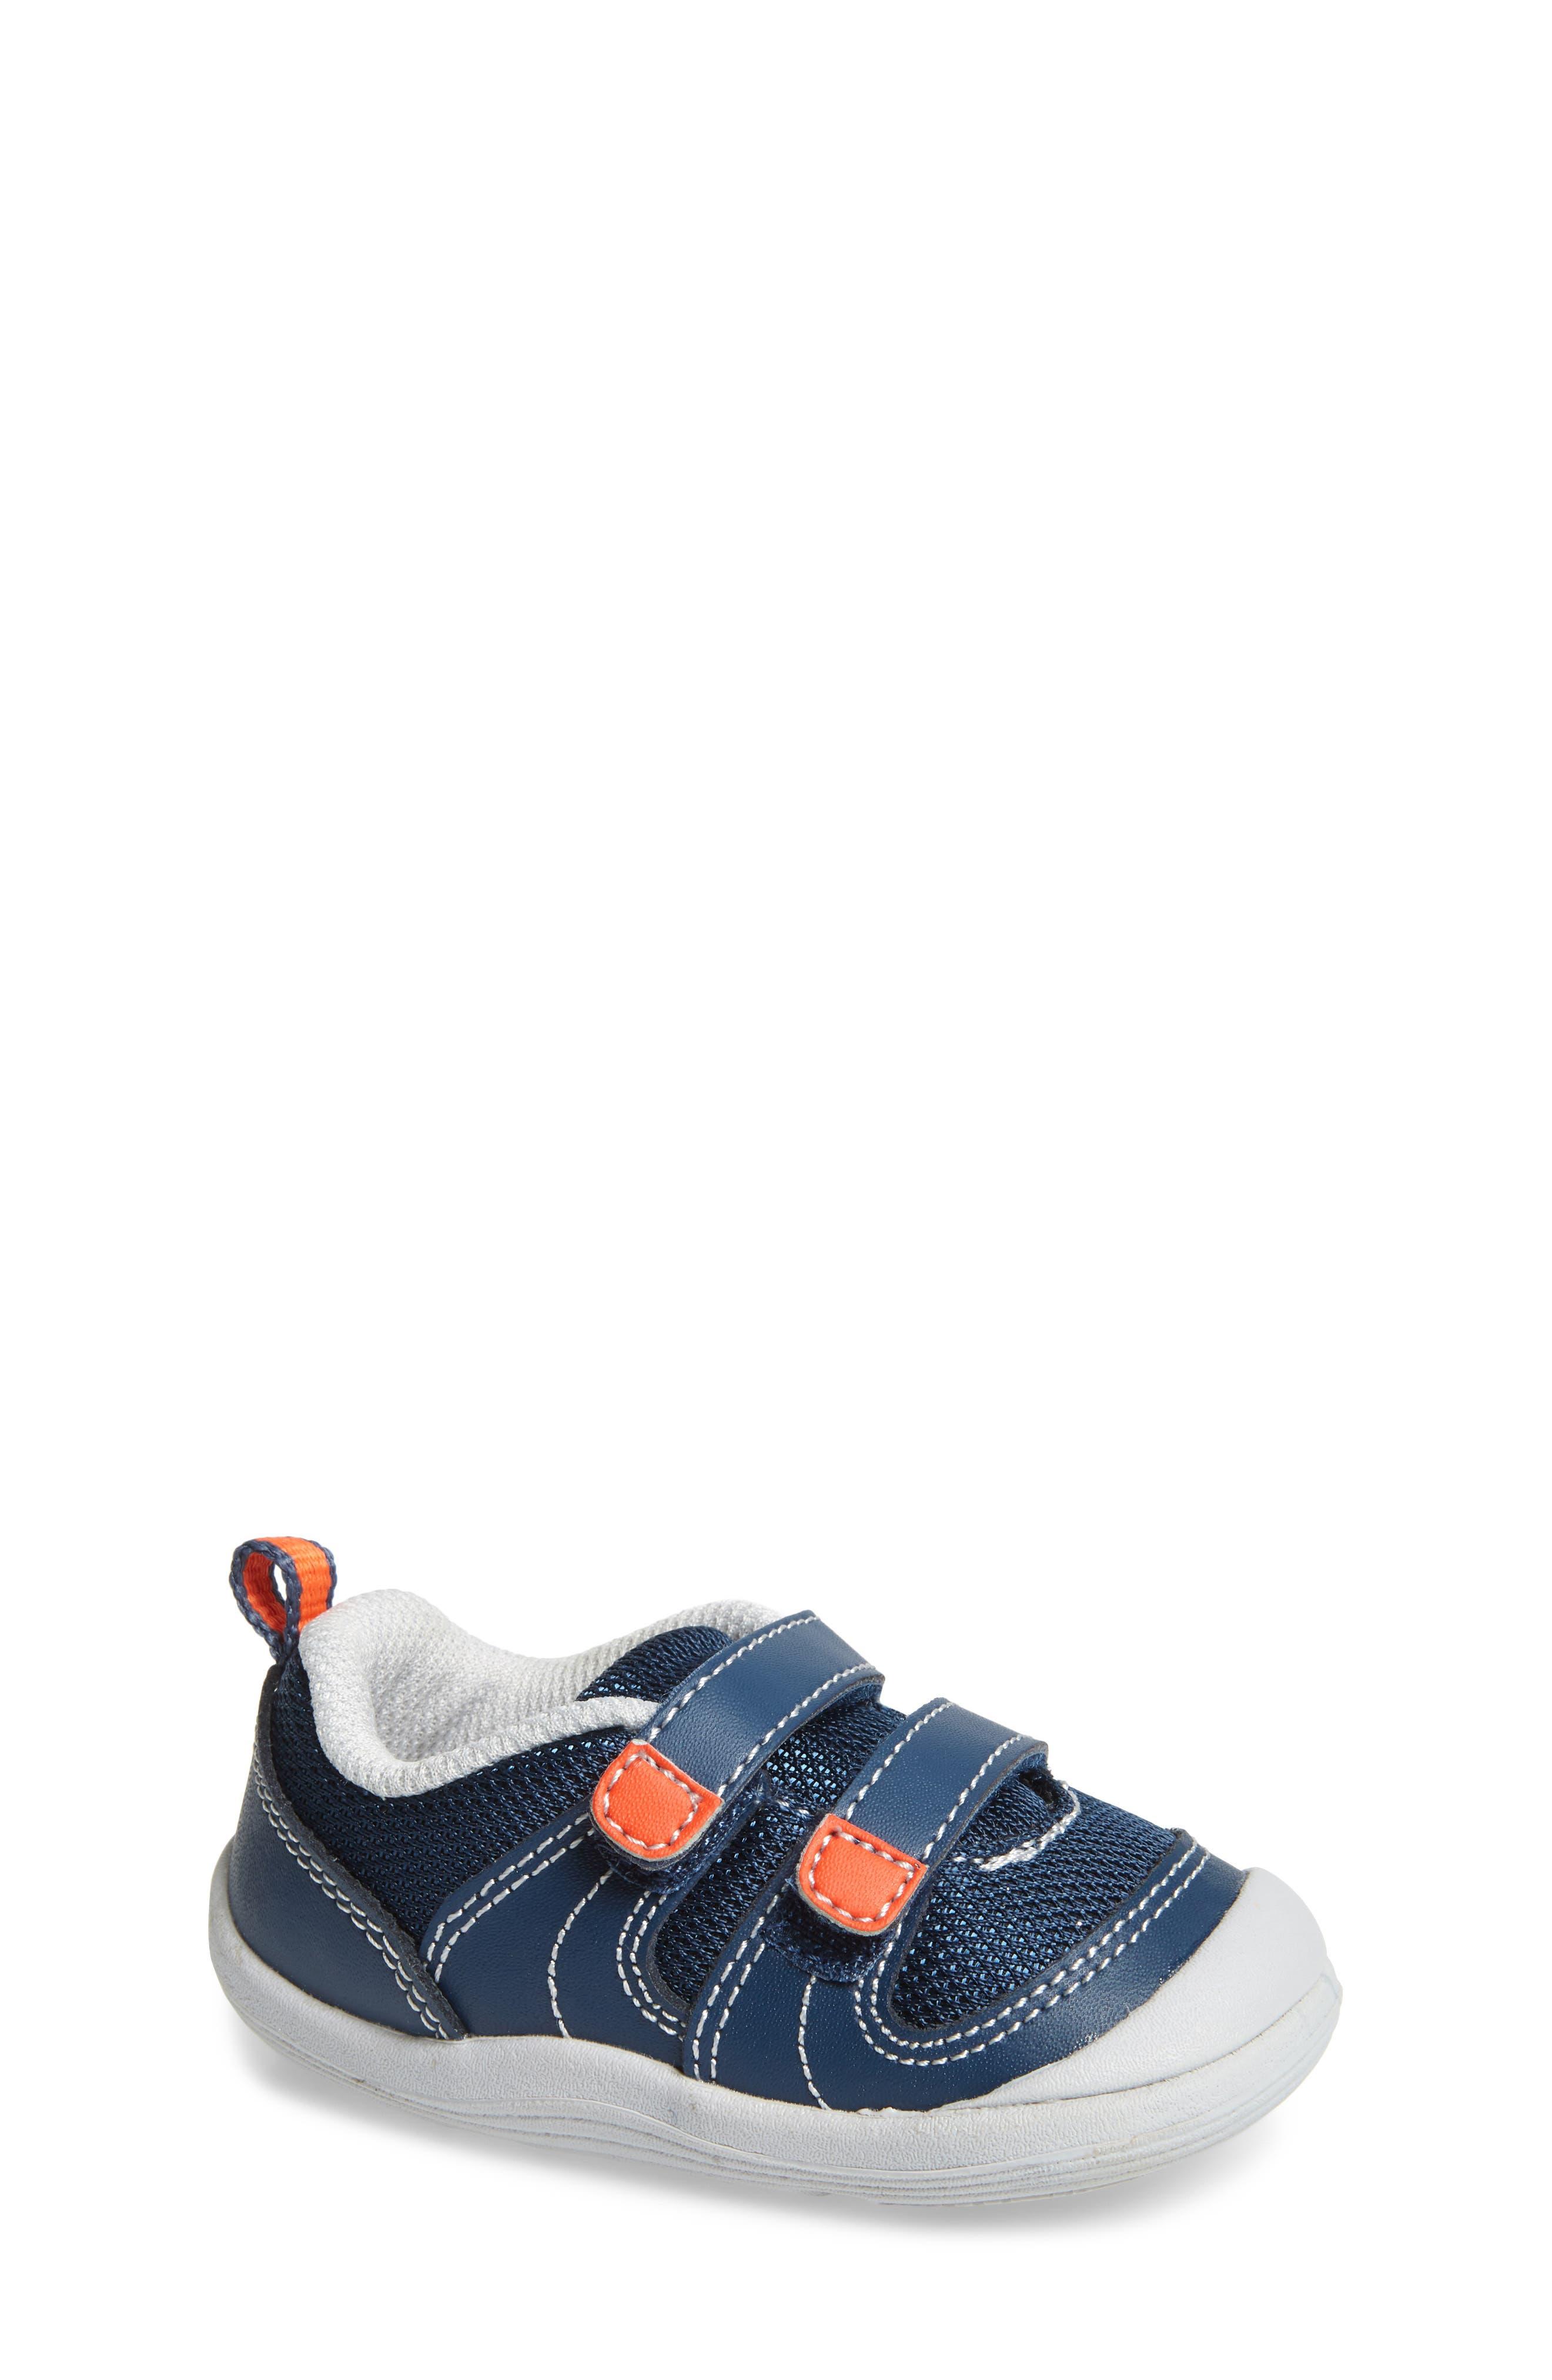 Tucker + Tate Kieran Sneaker (Baby & Walker)